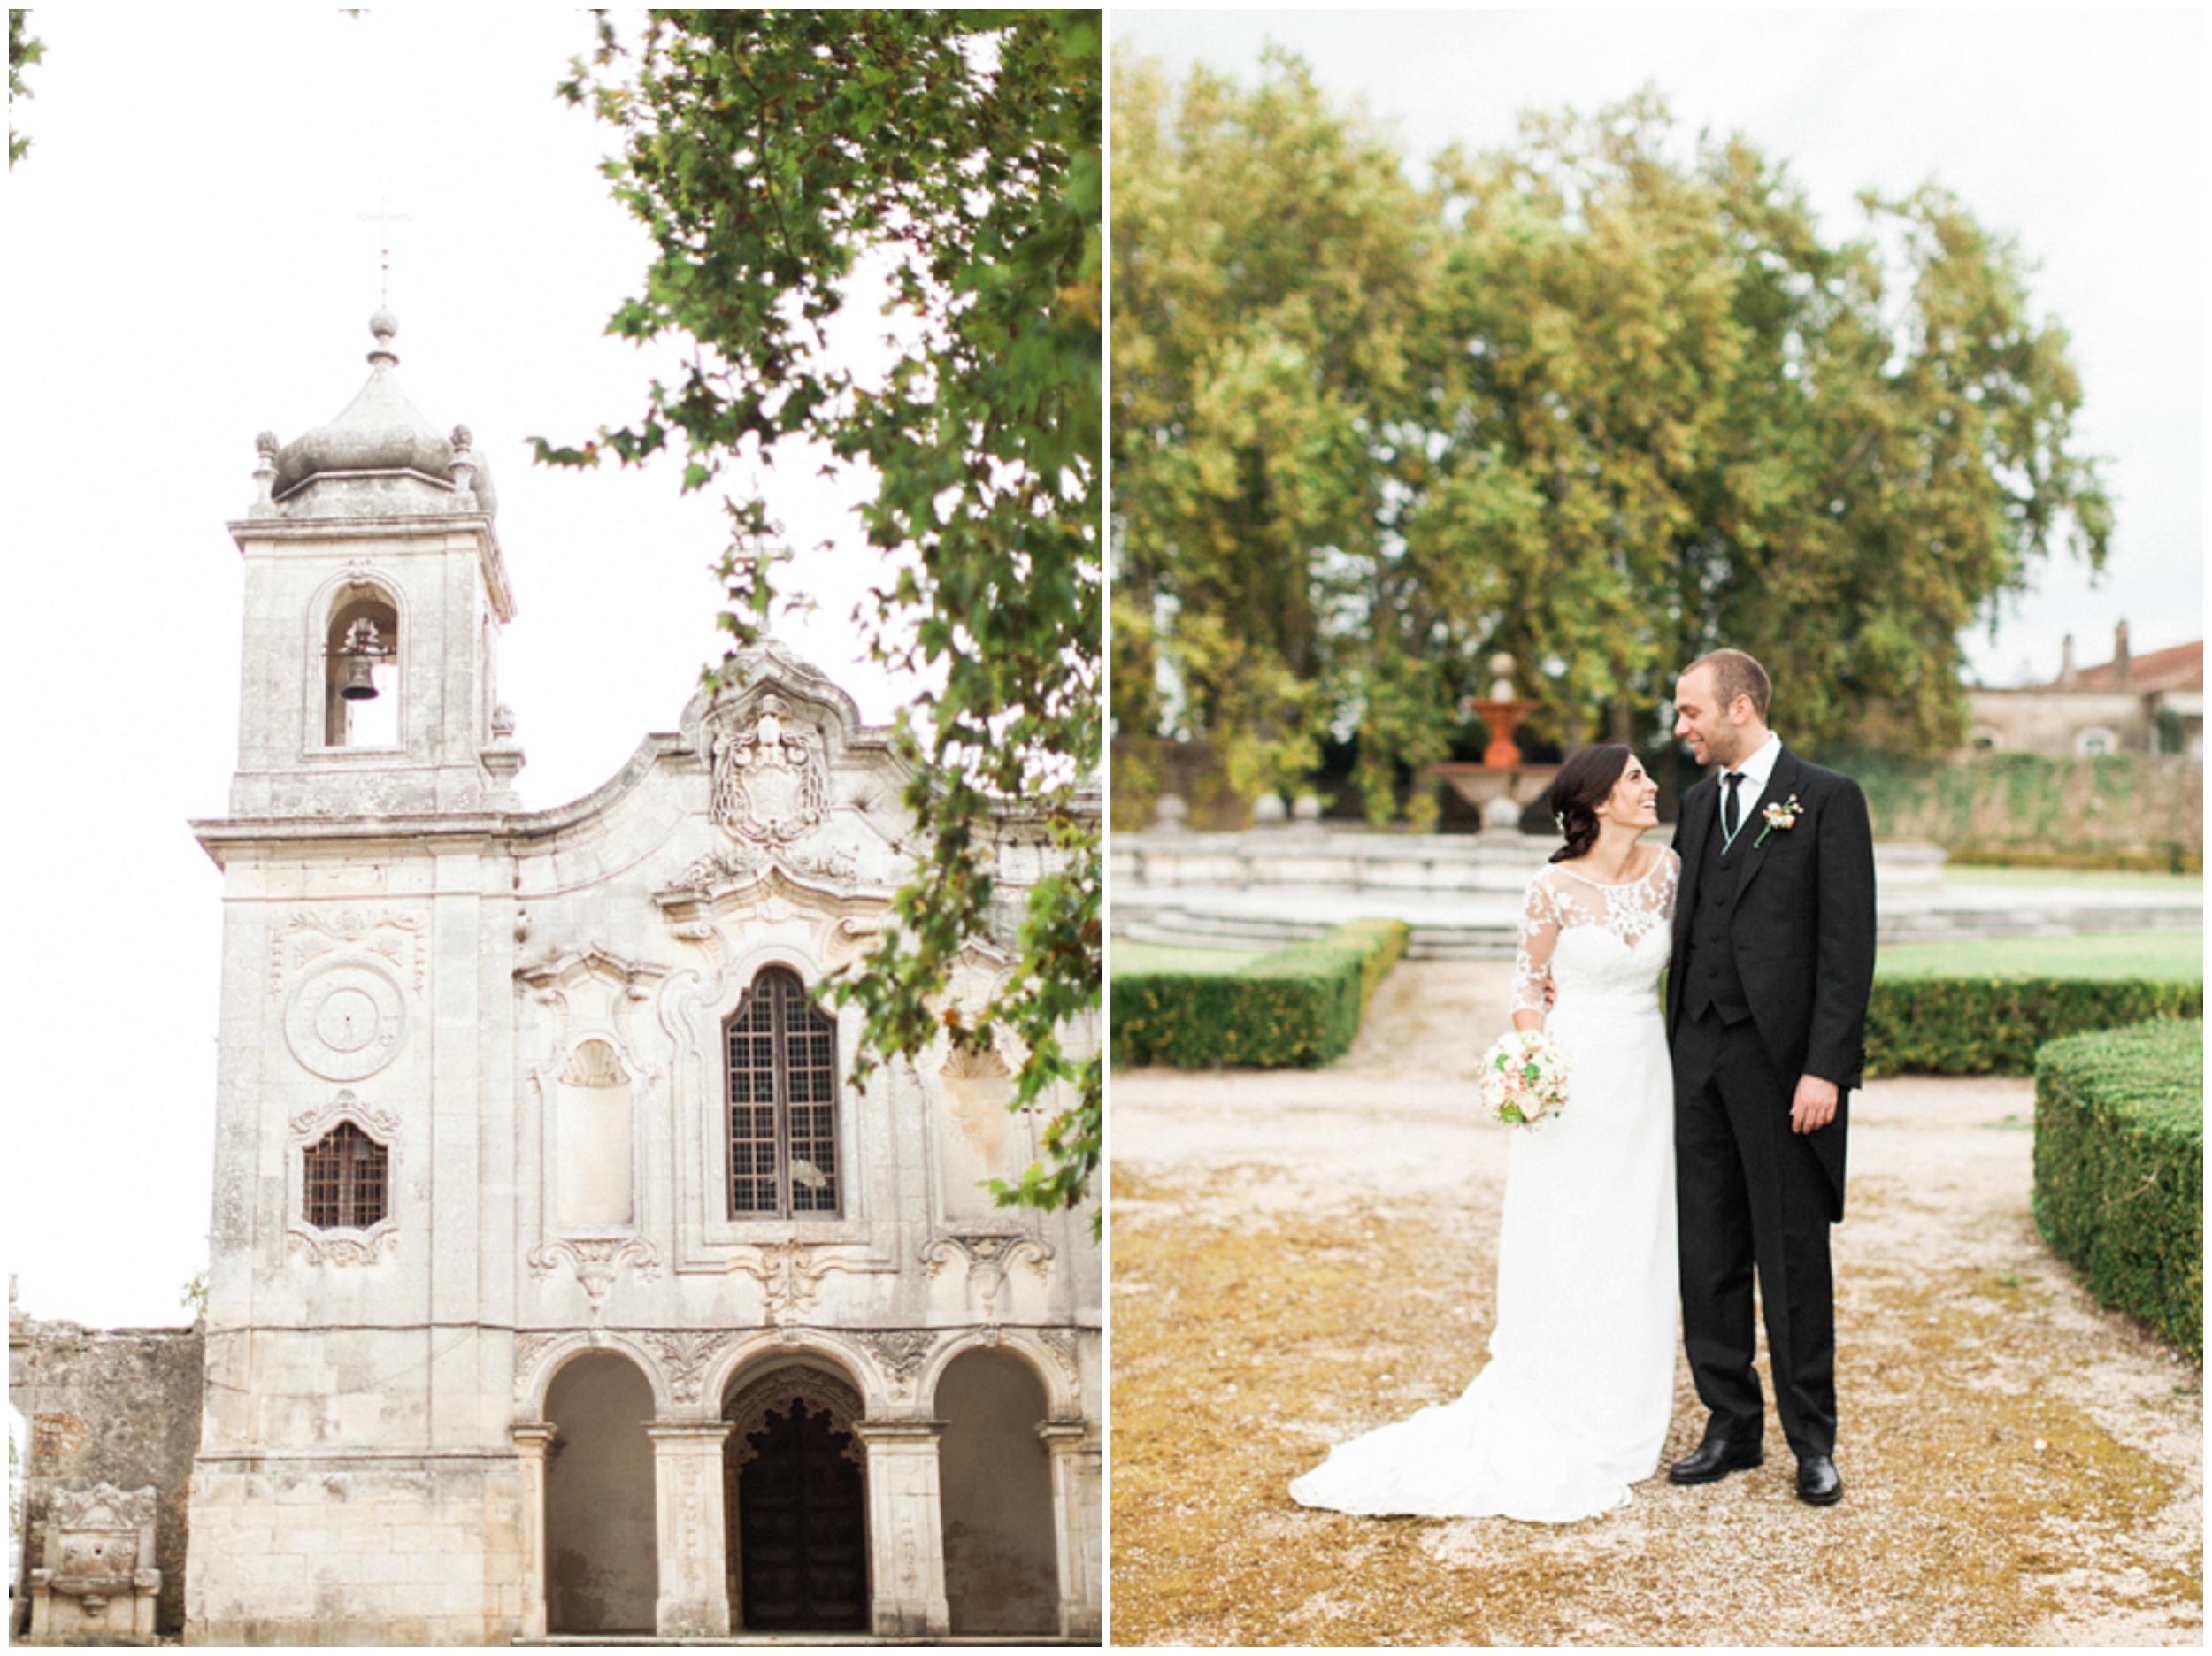 mariarao+wedding+photographer+cascais_0398.jpg